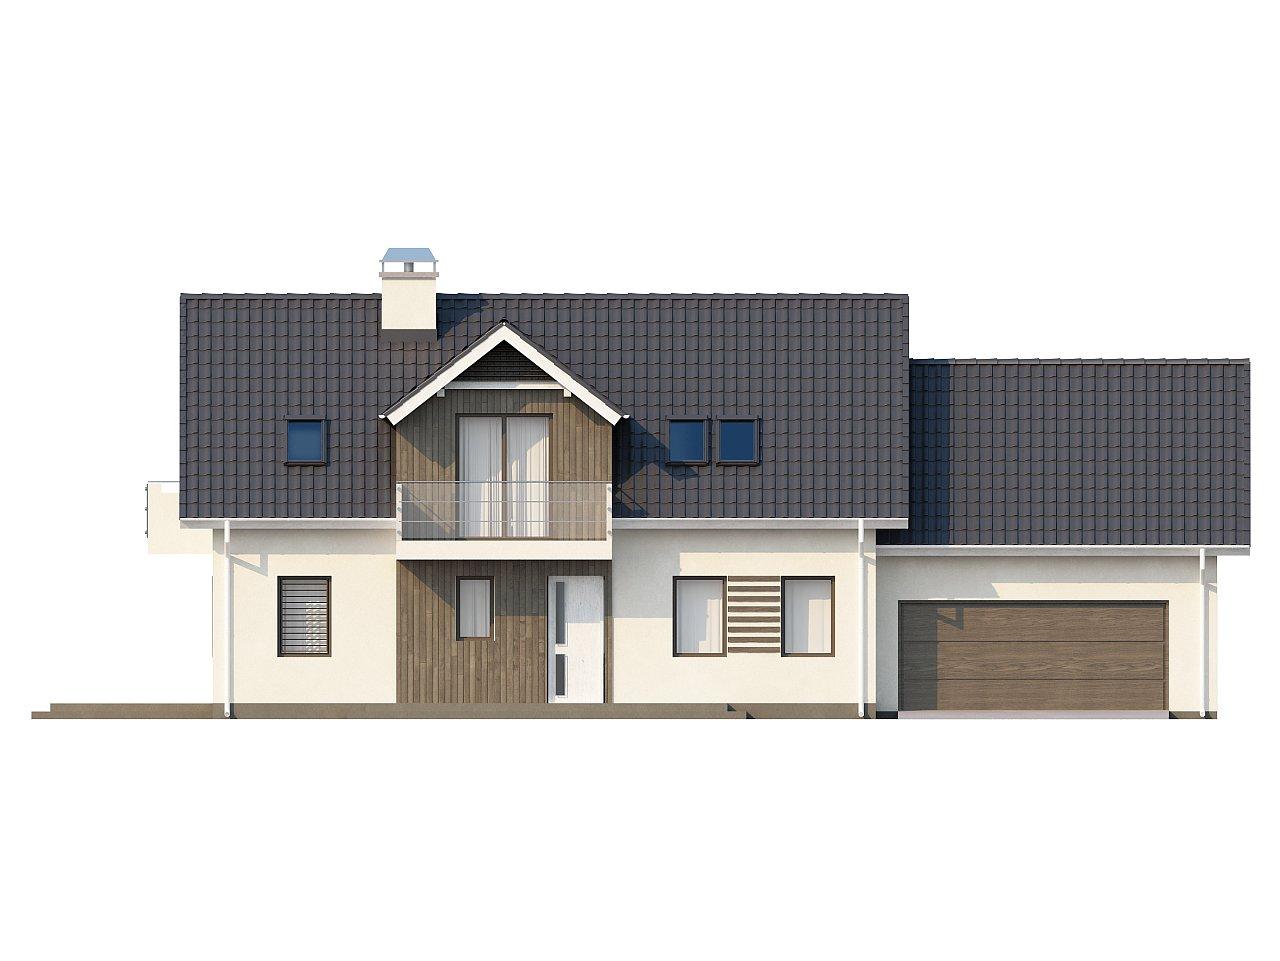 Просторный функциональный дом с гаражом, красивыми мансардными окнами и дополнительной спальней на первом этаже. - фото 3